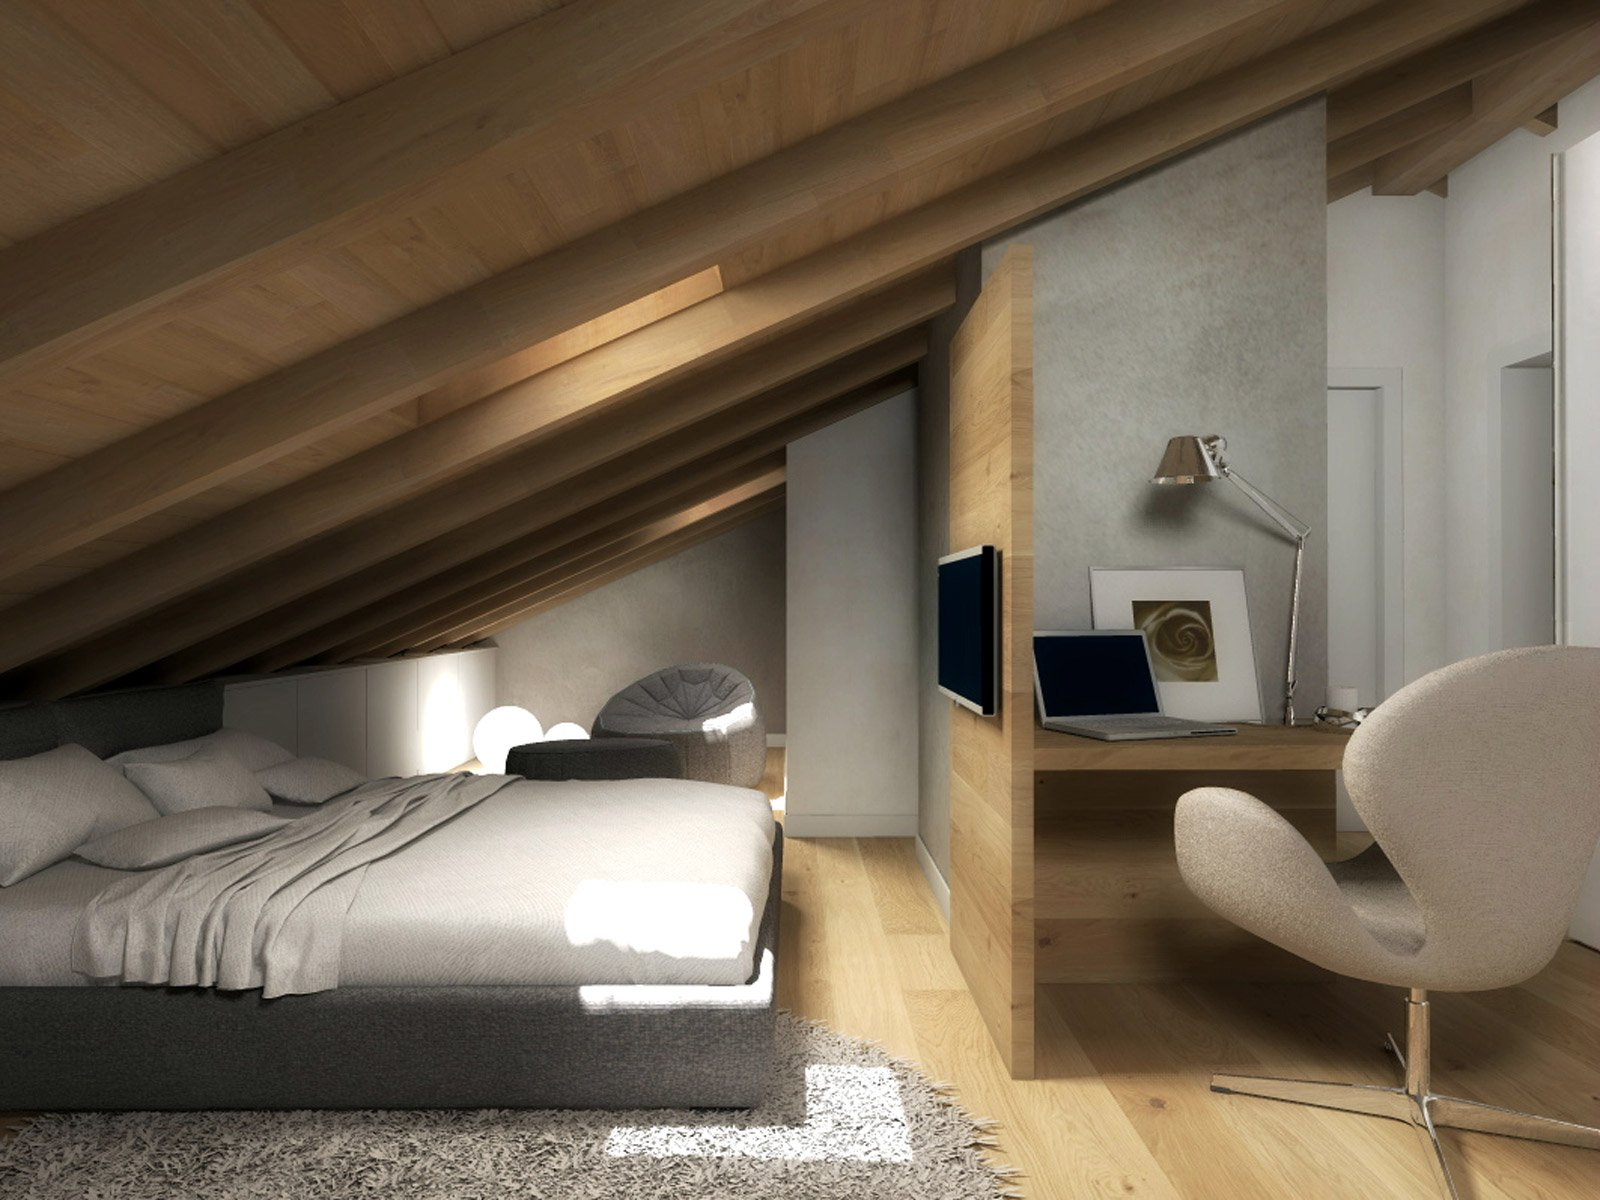 Colonna o pilastro in mezzo alla stanza come risolvere il problema cose di casa - Camera da letto sottotetto ...